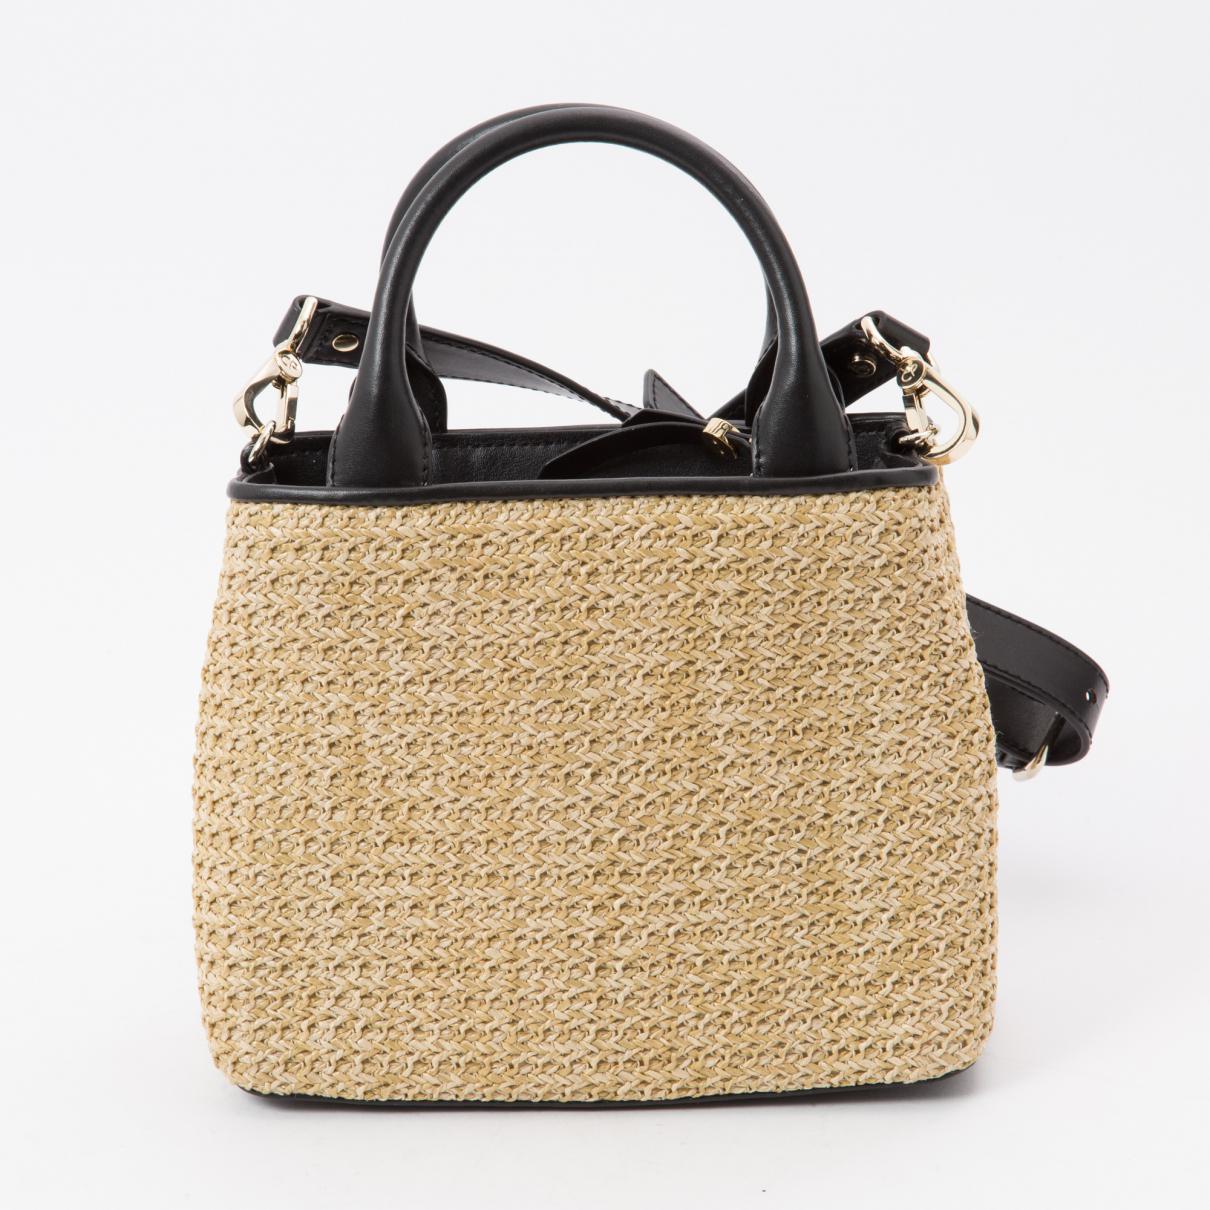 Claudie Pierlot Pre-owned - Leather shoulder bag kRwx4